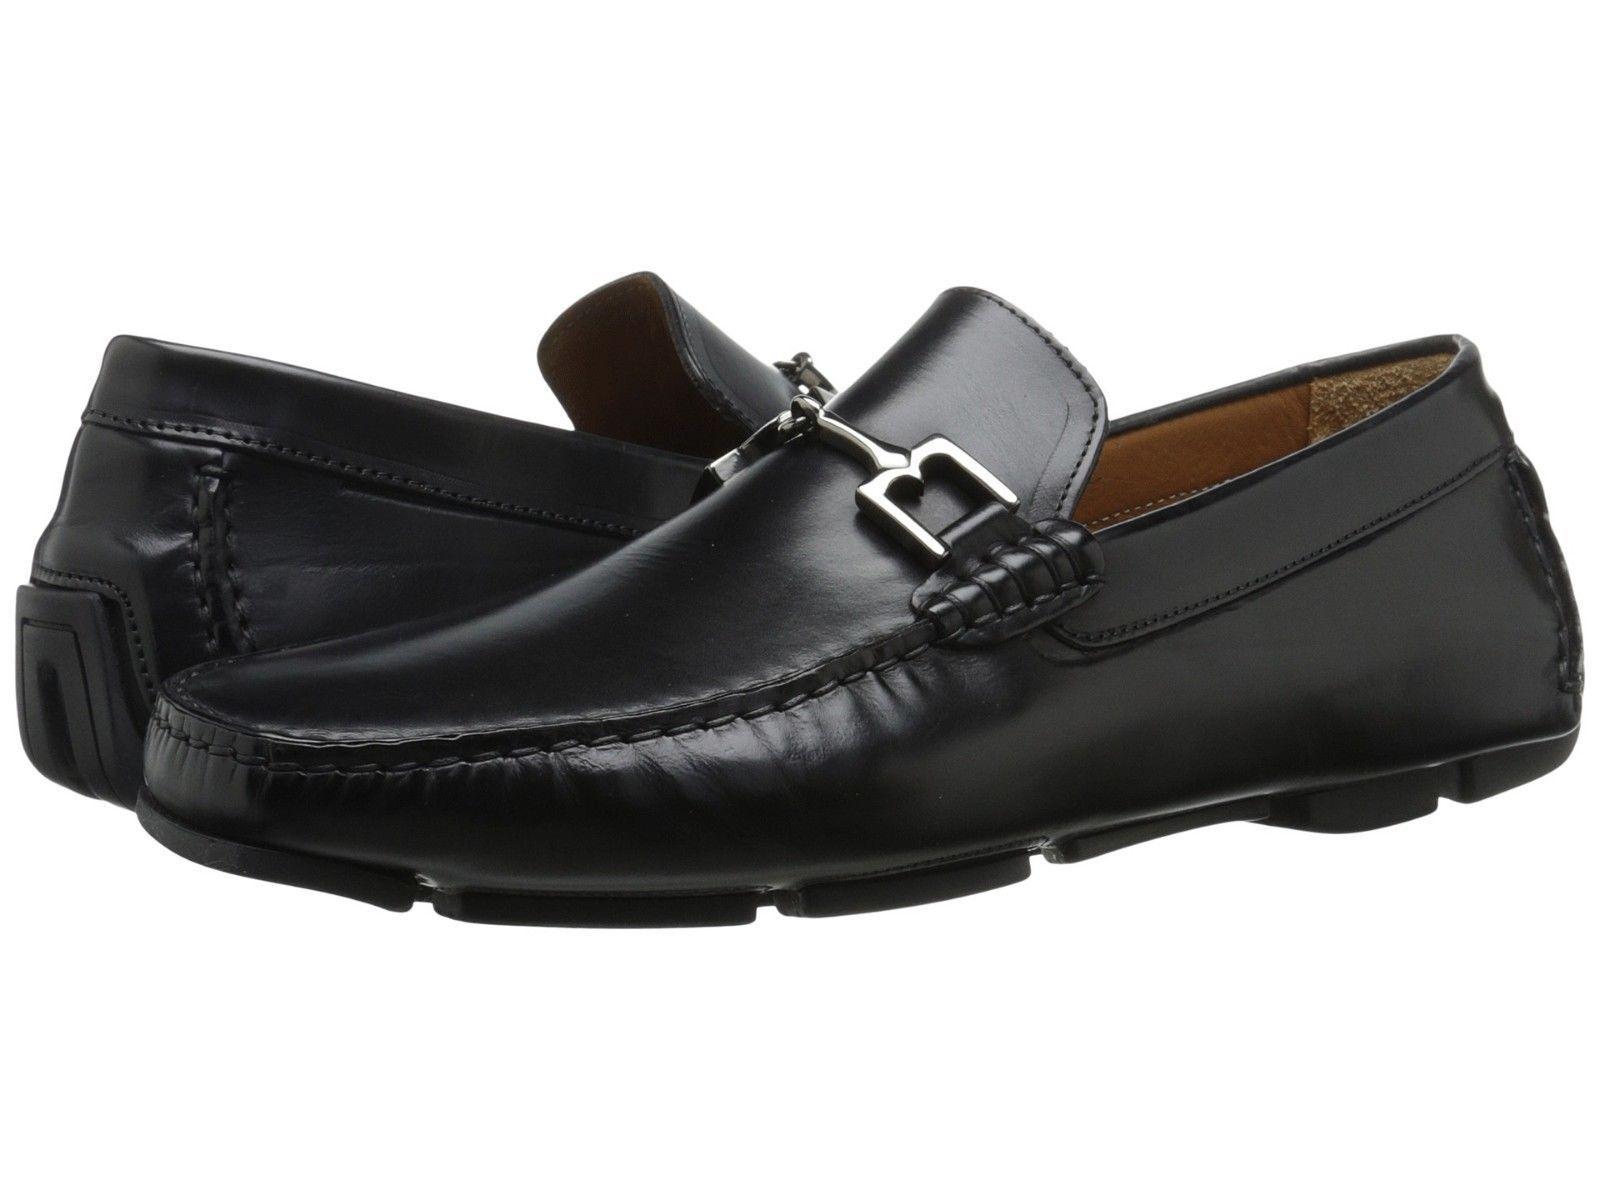 autorizzazione ufficiale Bruno Magli Uomo Monza nero Leather Leather Leather Bit Handmade Italian Loafer Dress Shoe  outlet in vendita